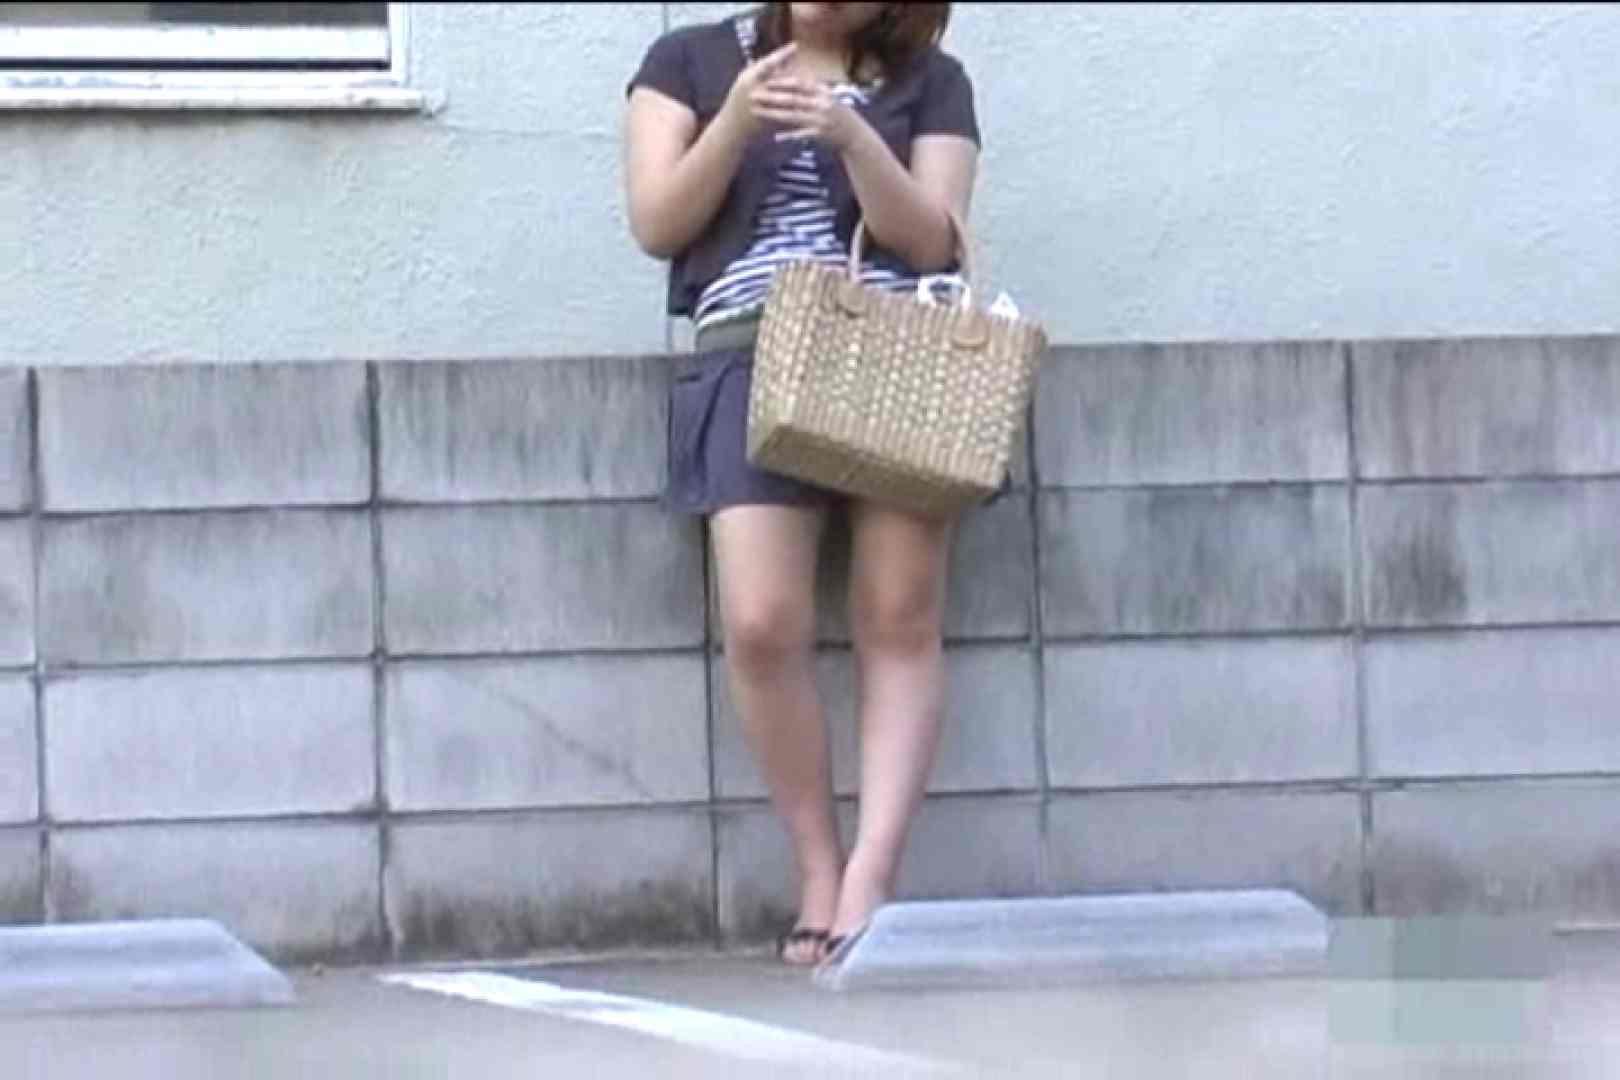 検証!隠し撮りスカートめくり!!Vol.8 ミニスカート 濡れ場動画紹介 99pic 59